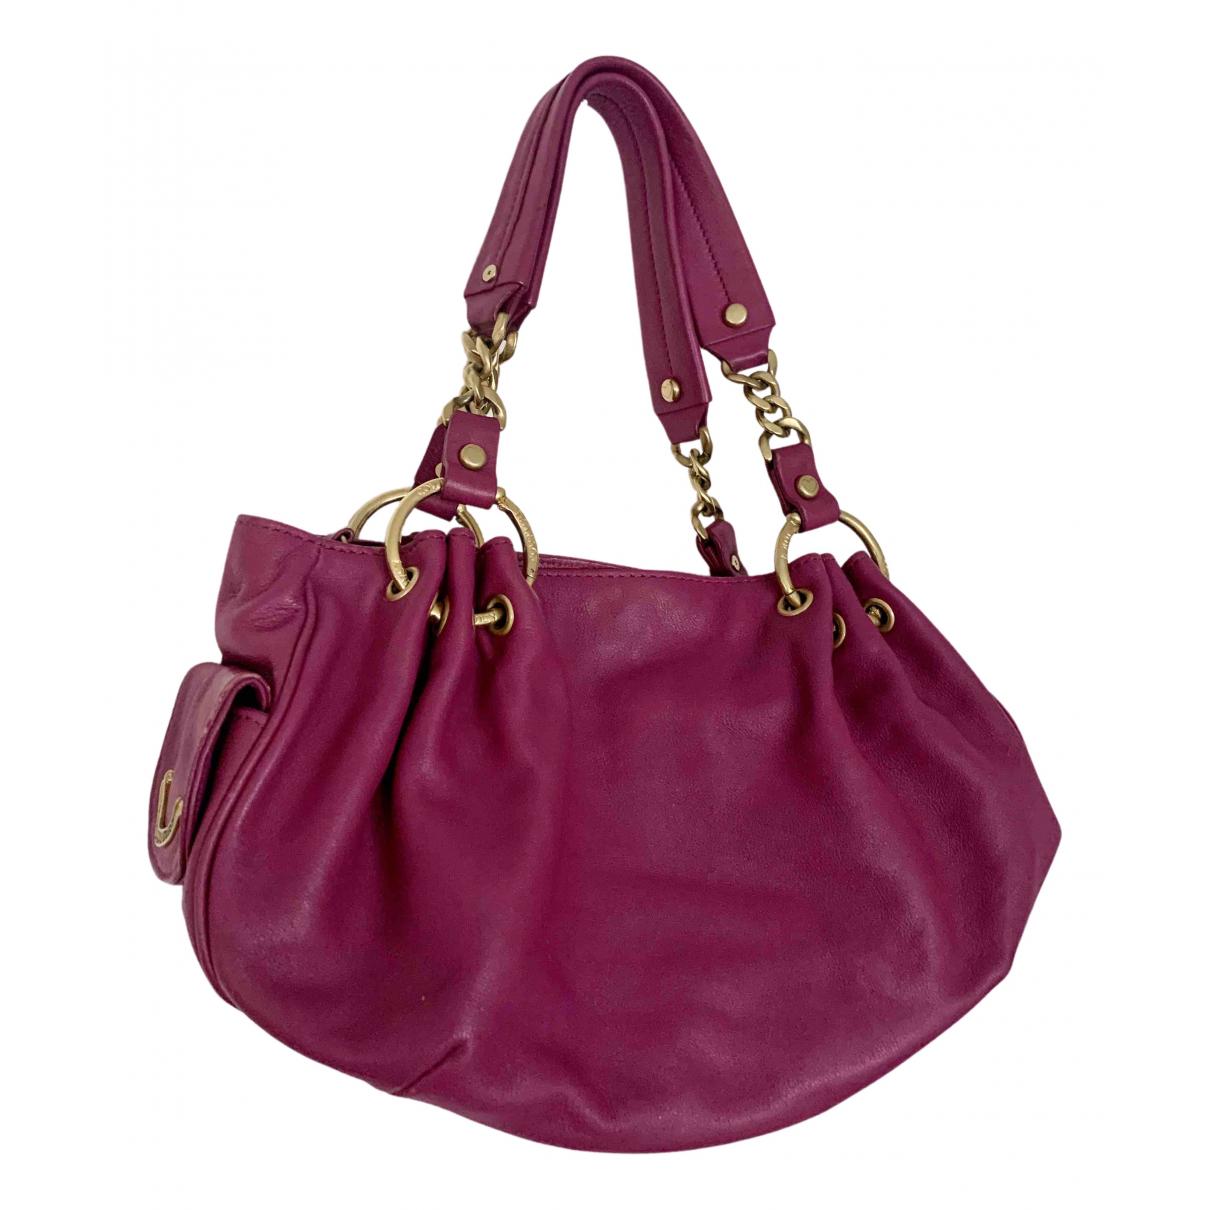 Juicy Couture - Sac a main   pour femme en cuir - rose